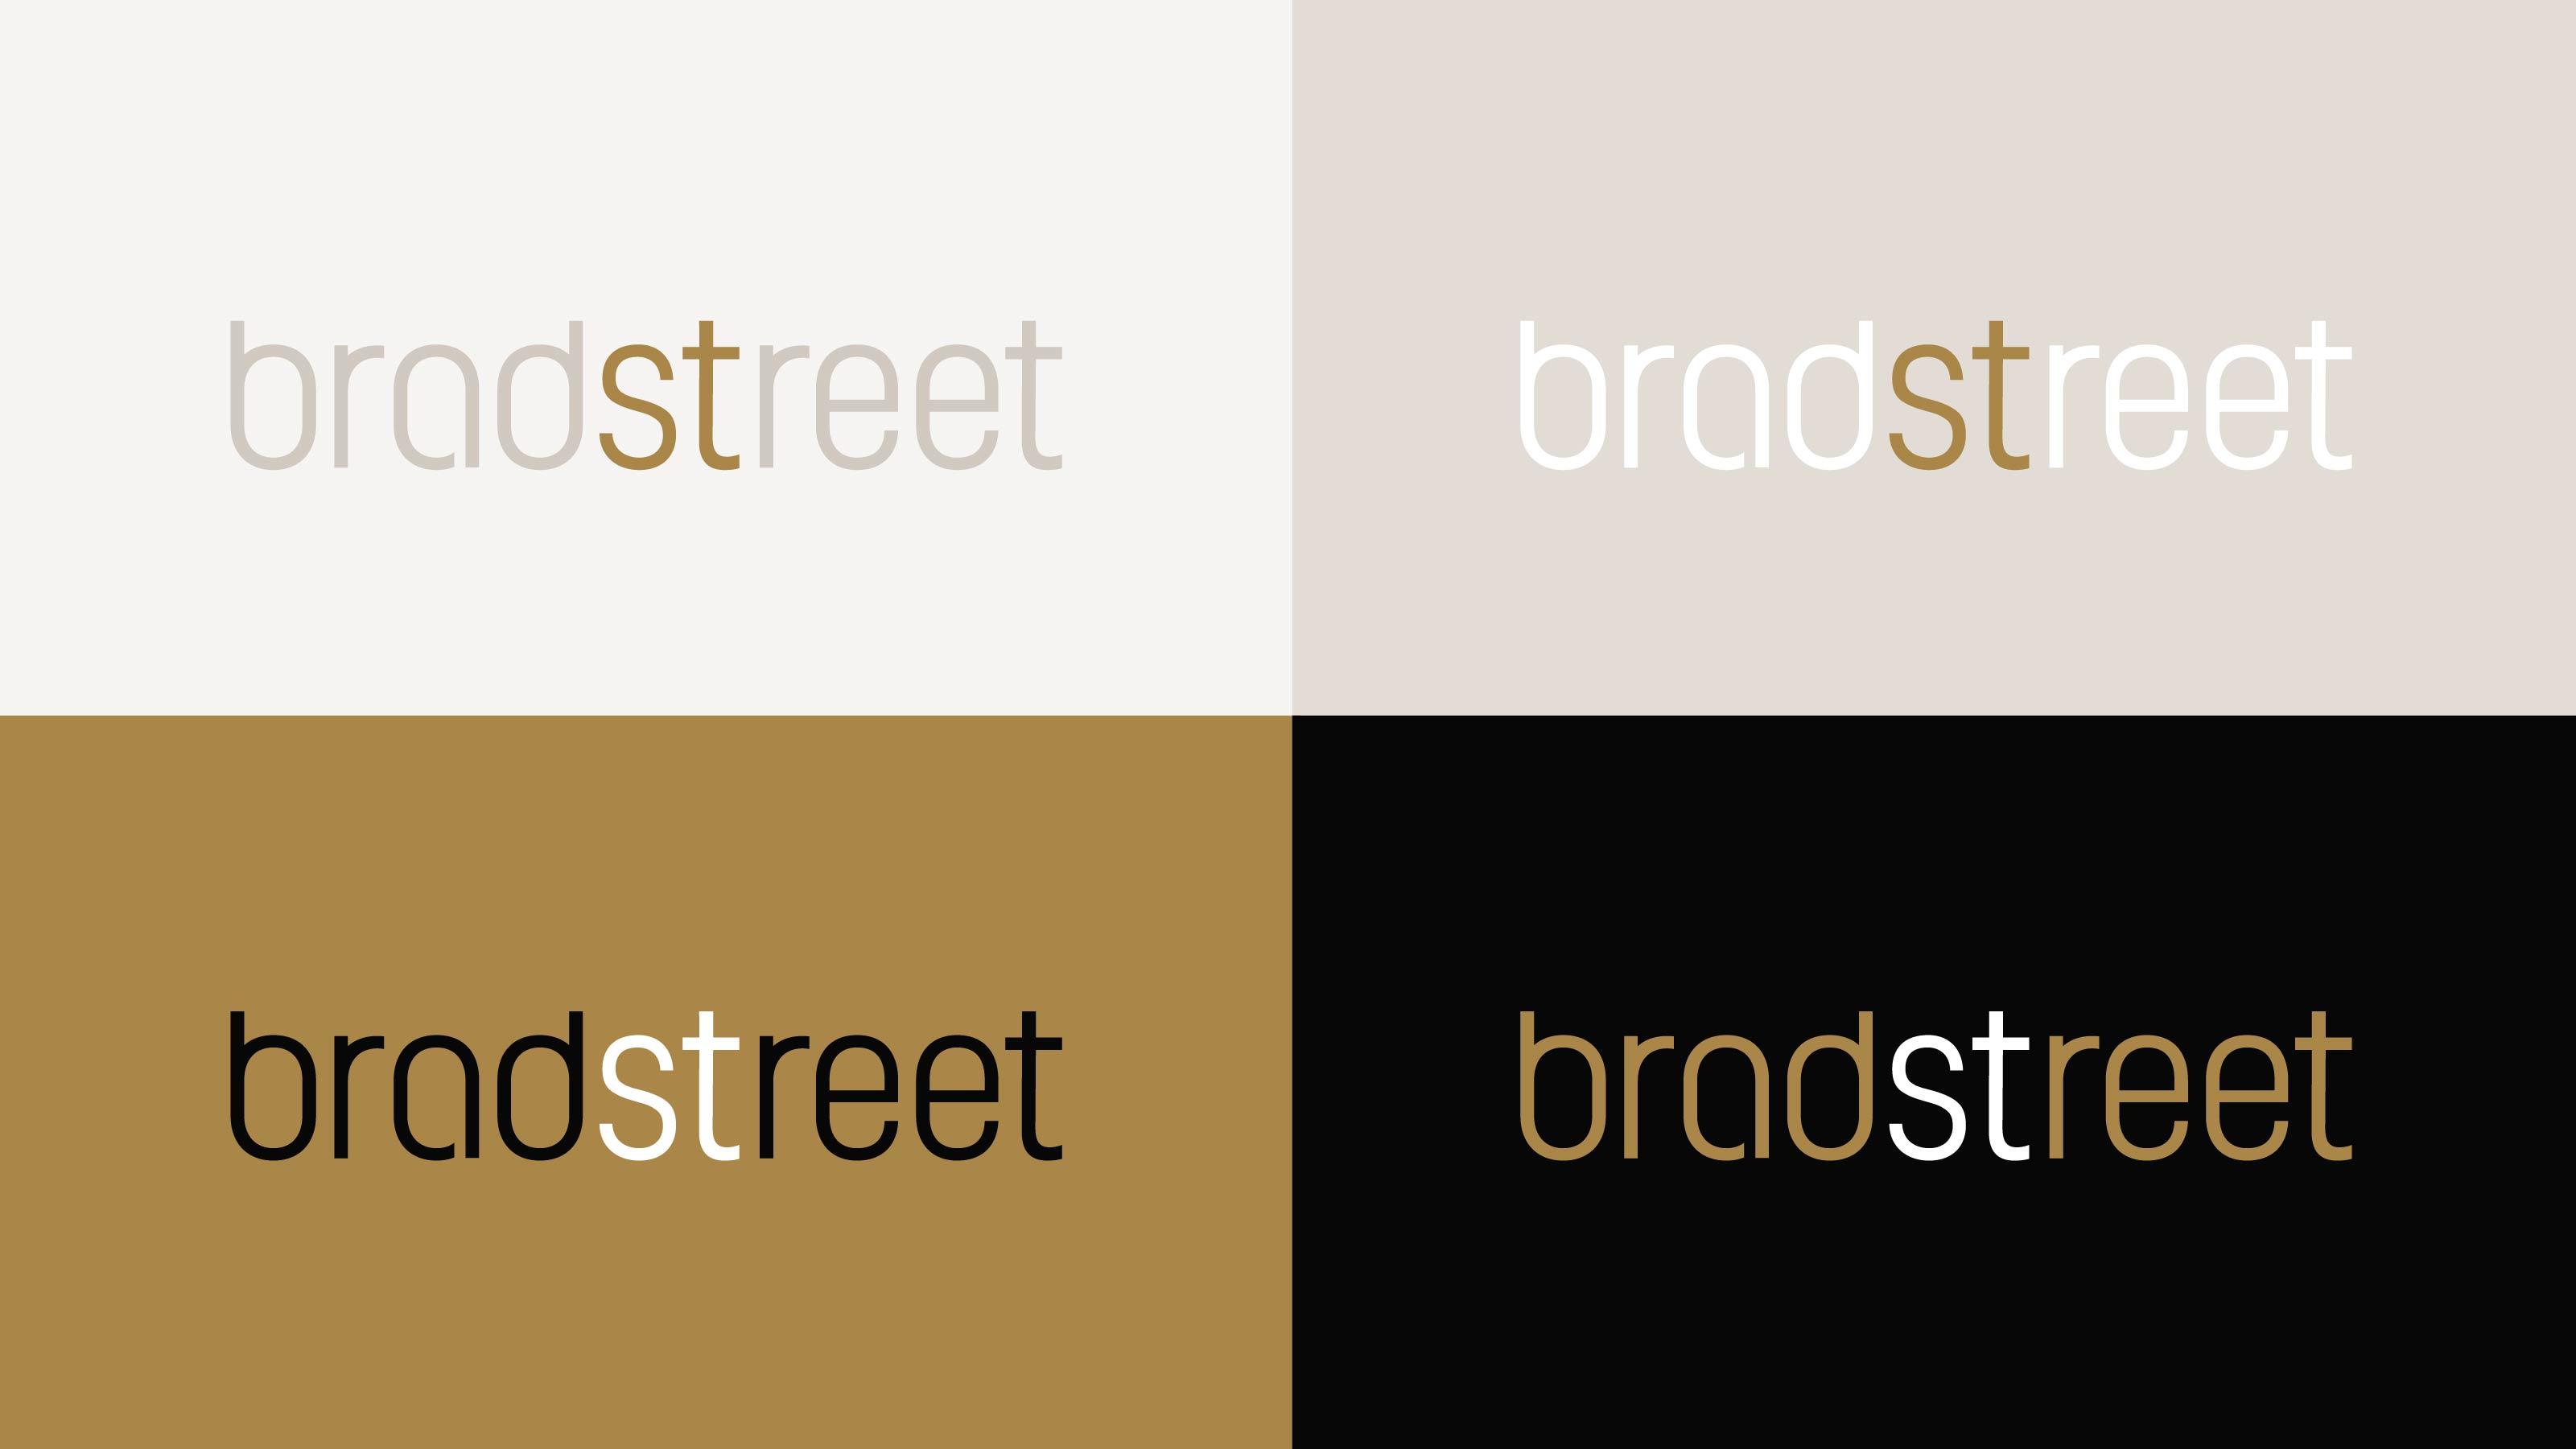 Bradstreet_Nue-01